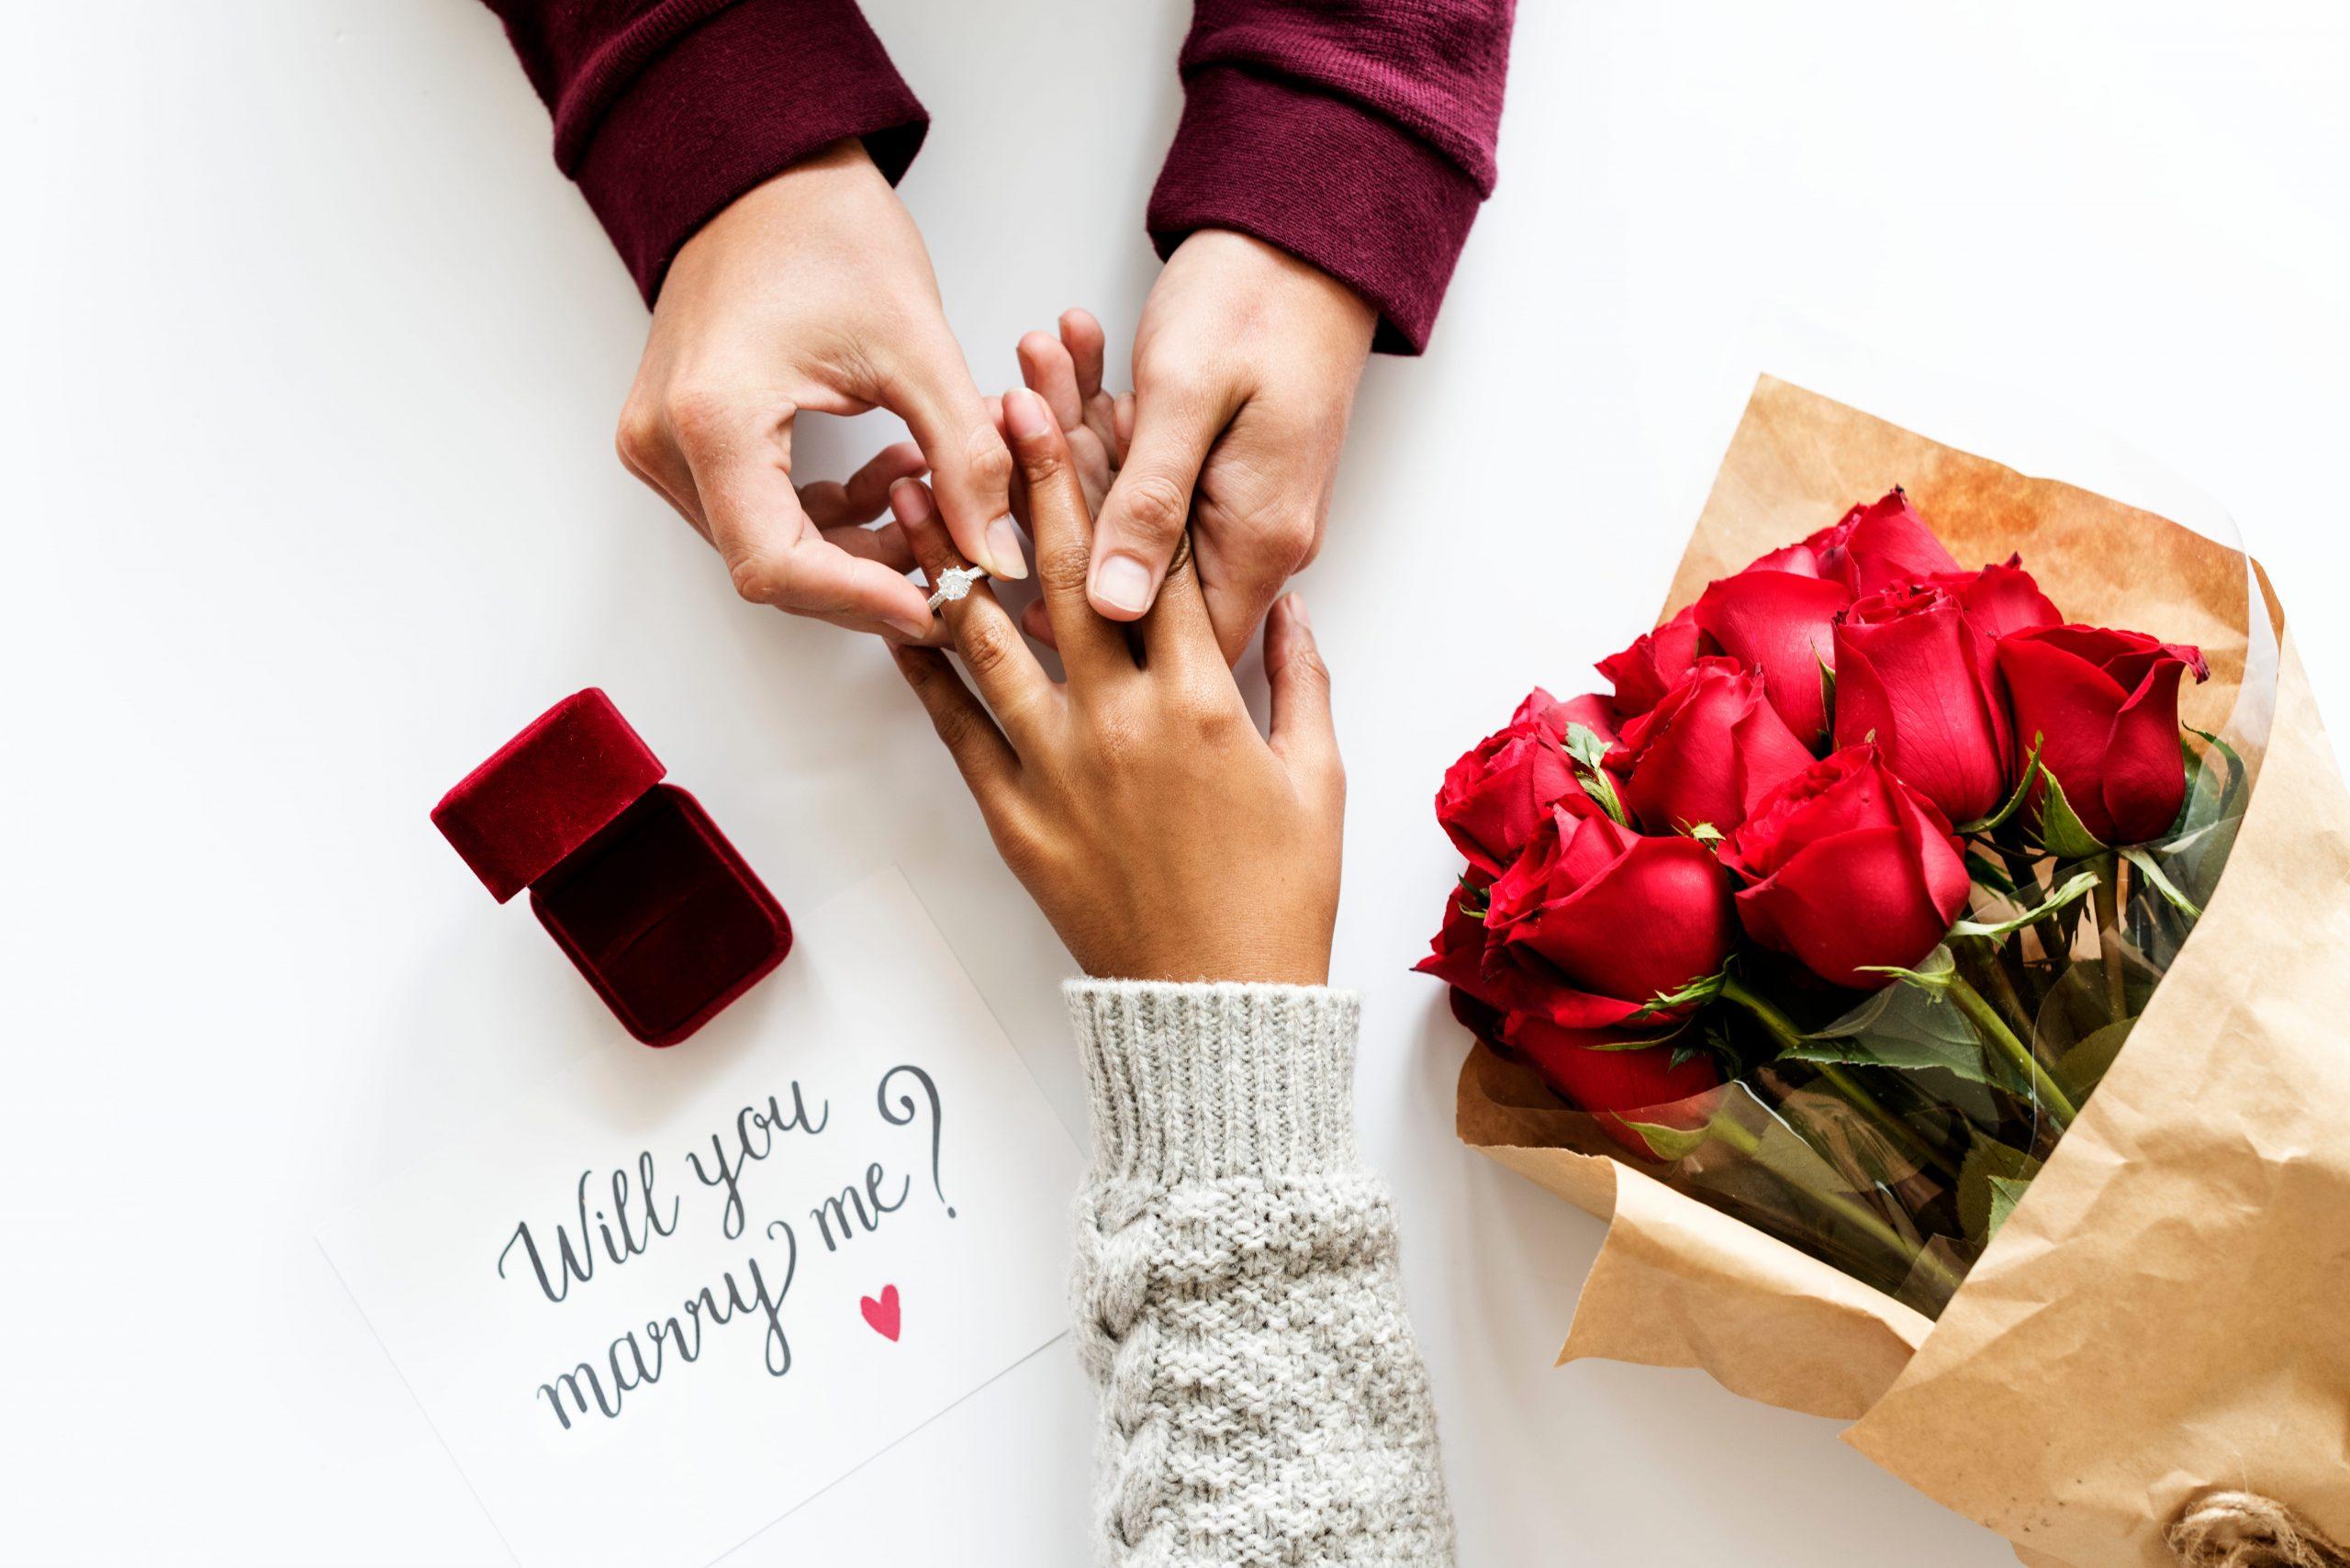 理想の結婚年齢はいくつ?晩婚化しているって本当?